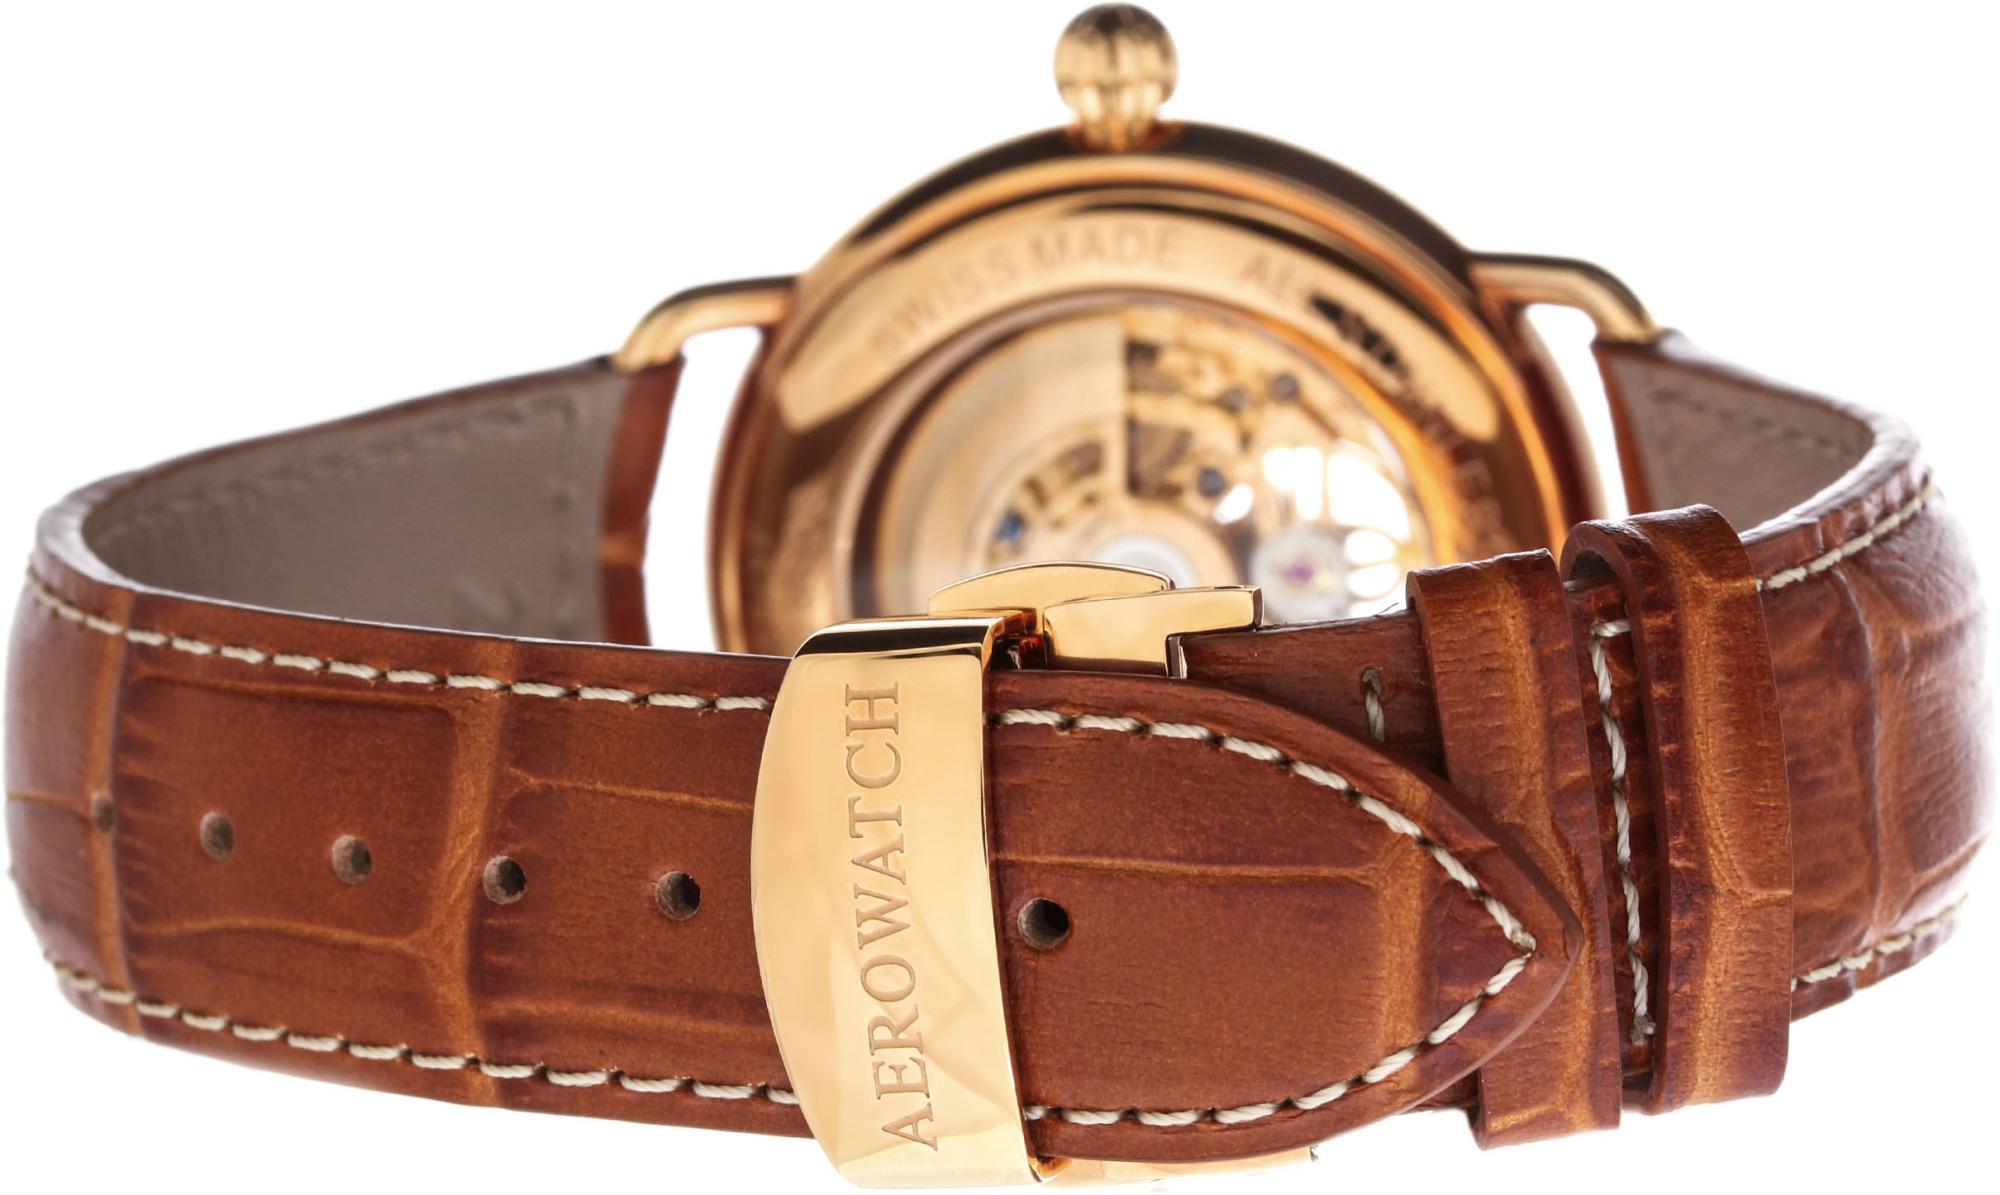 Aerowatch 1942 60900 RO14Наручные часы<br>Швейцарские часы Aerowatch 1942 60900 RO14<br><br>Пол: Мужские<br>Страна-производитель: Швейцария<br>Механизм: Механический<br>Материал корпуса: Сталь<br>Материал ремня/браслета: Кожа<br>Водозащита, диапазон: None<br>Стекло: Сапфировое<br>Толщина корпуса: None<br>Стиль: None